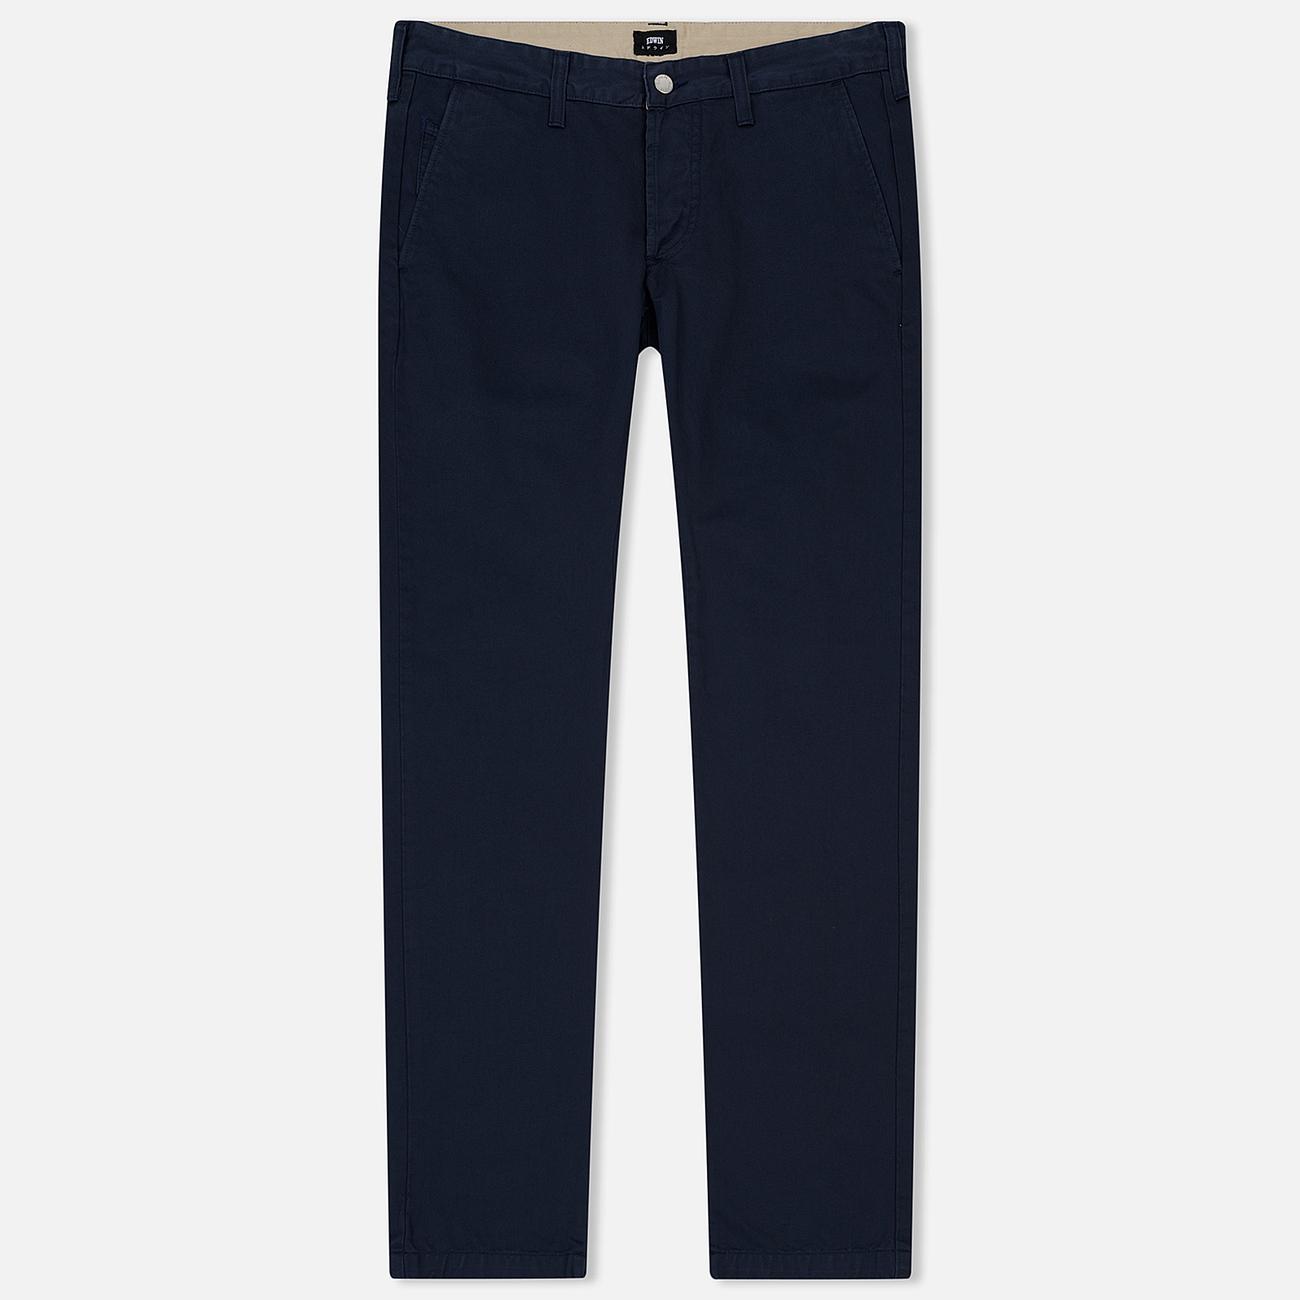 Мужские брюки Edwin 55 Chino Compact Twill 9 Oz Navy Rinsed